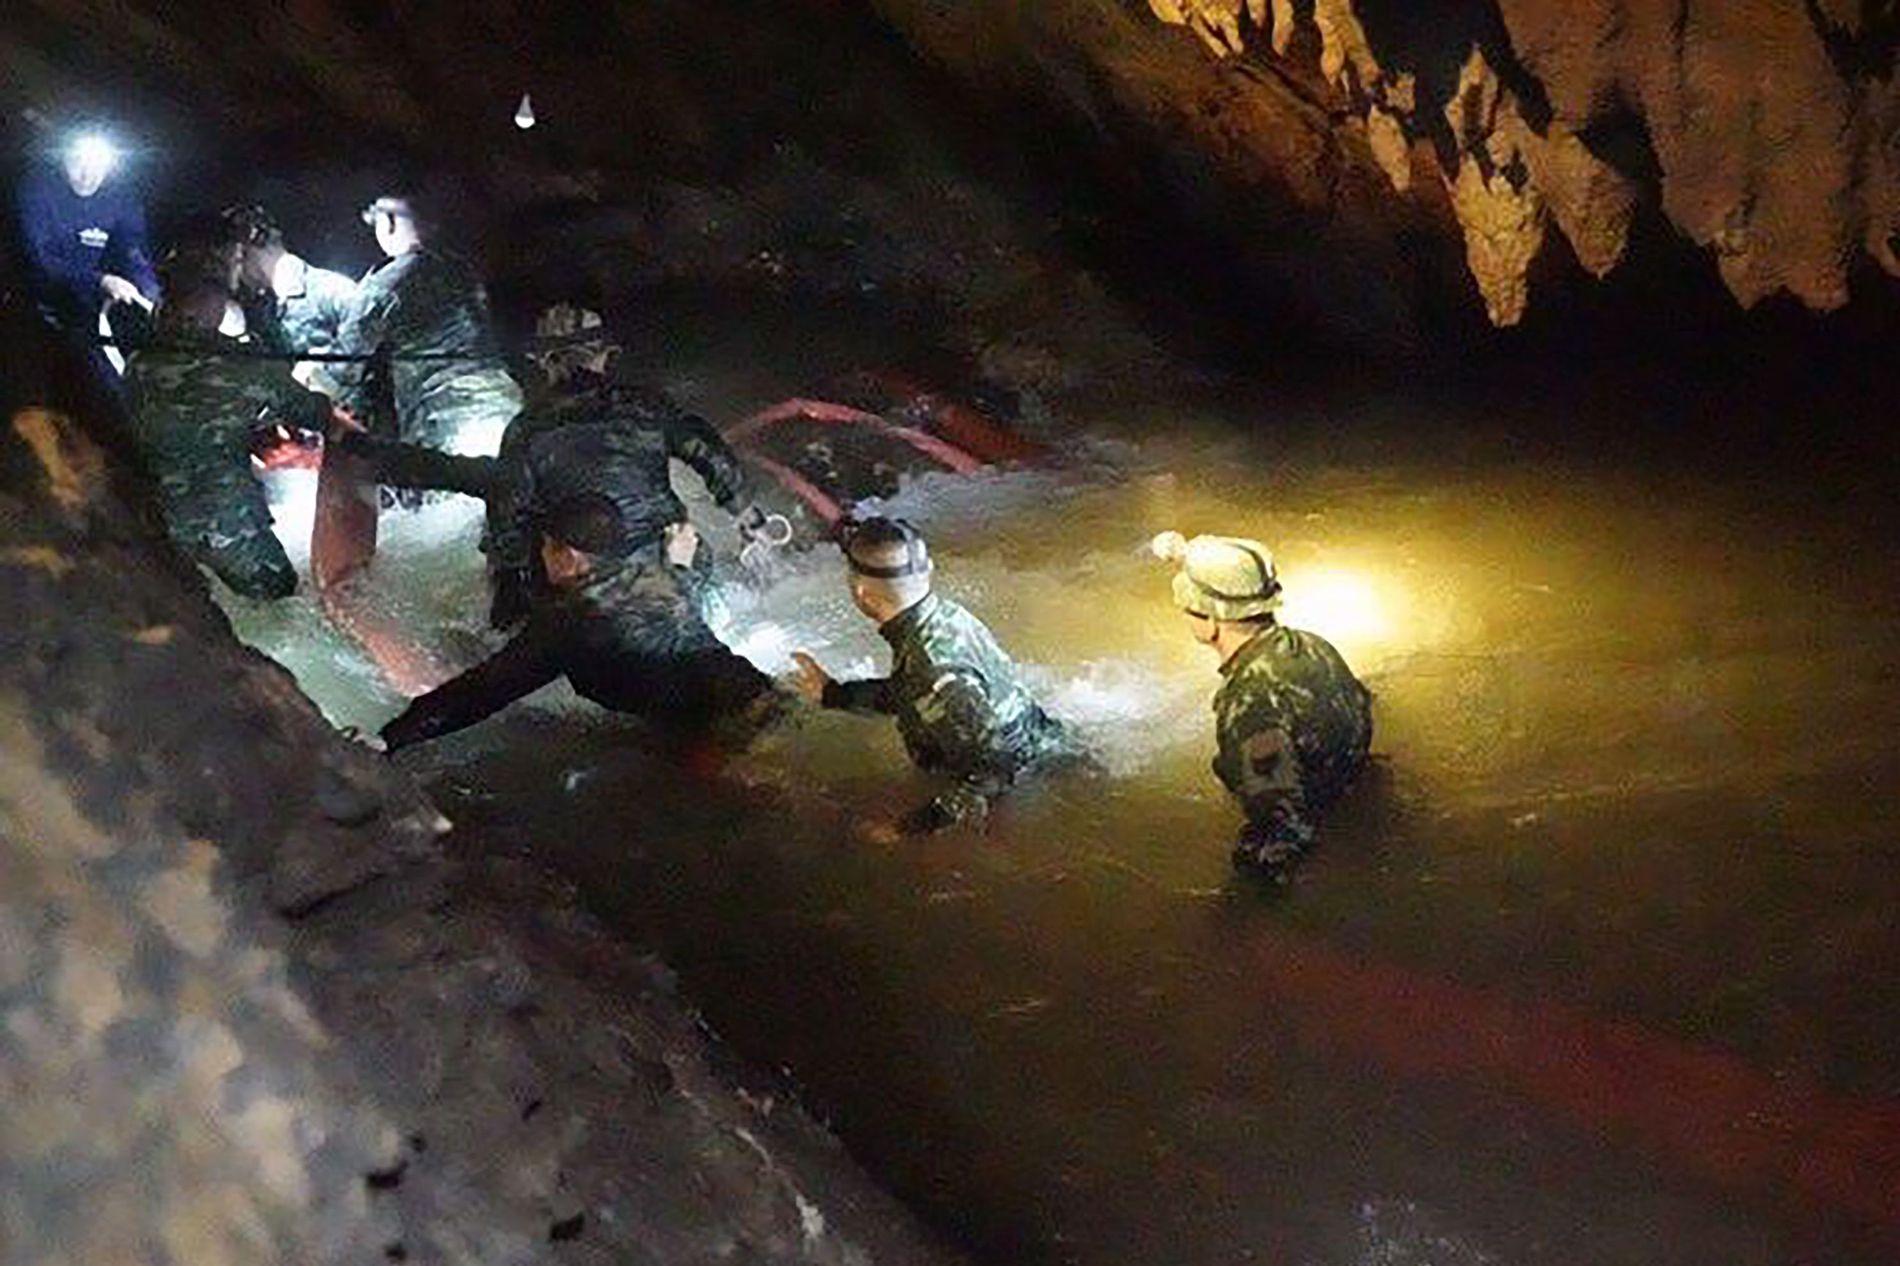 MYE VANN: Guttene ble funnet av britiske grottedykkere. Den britiske grottedykkerorganisasjonen sier at dykket var vanskelig. Natt til mandag da guttene ble funnet, var halvannen kilometer av grottegangen inn til dem fylt av vann.